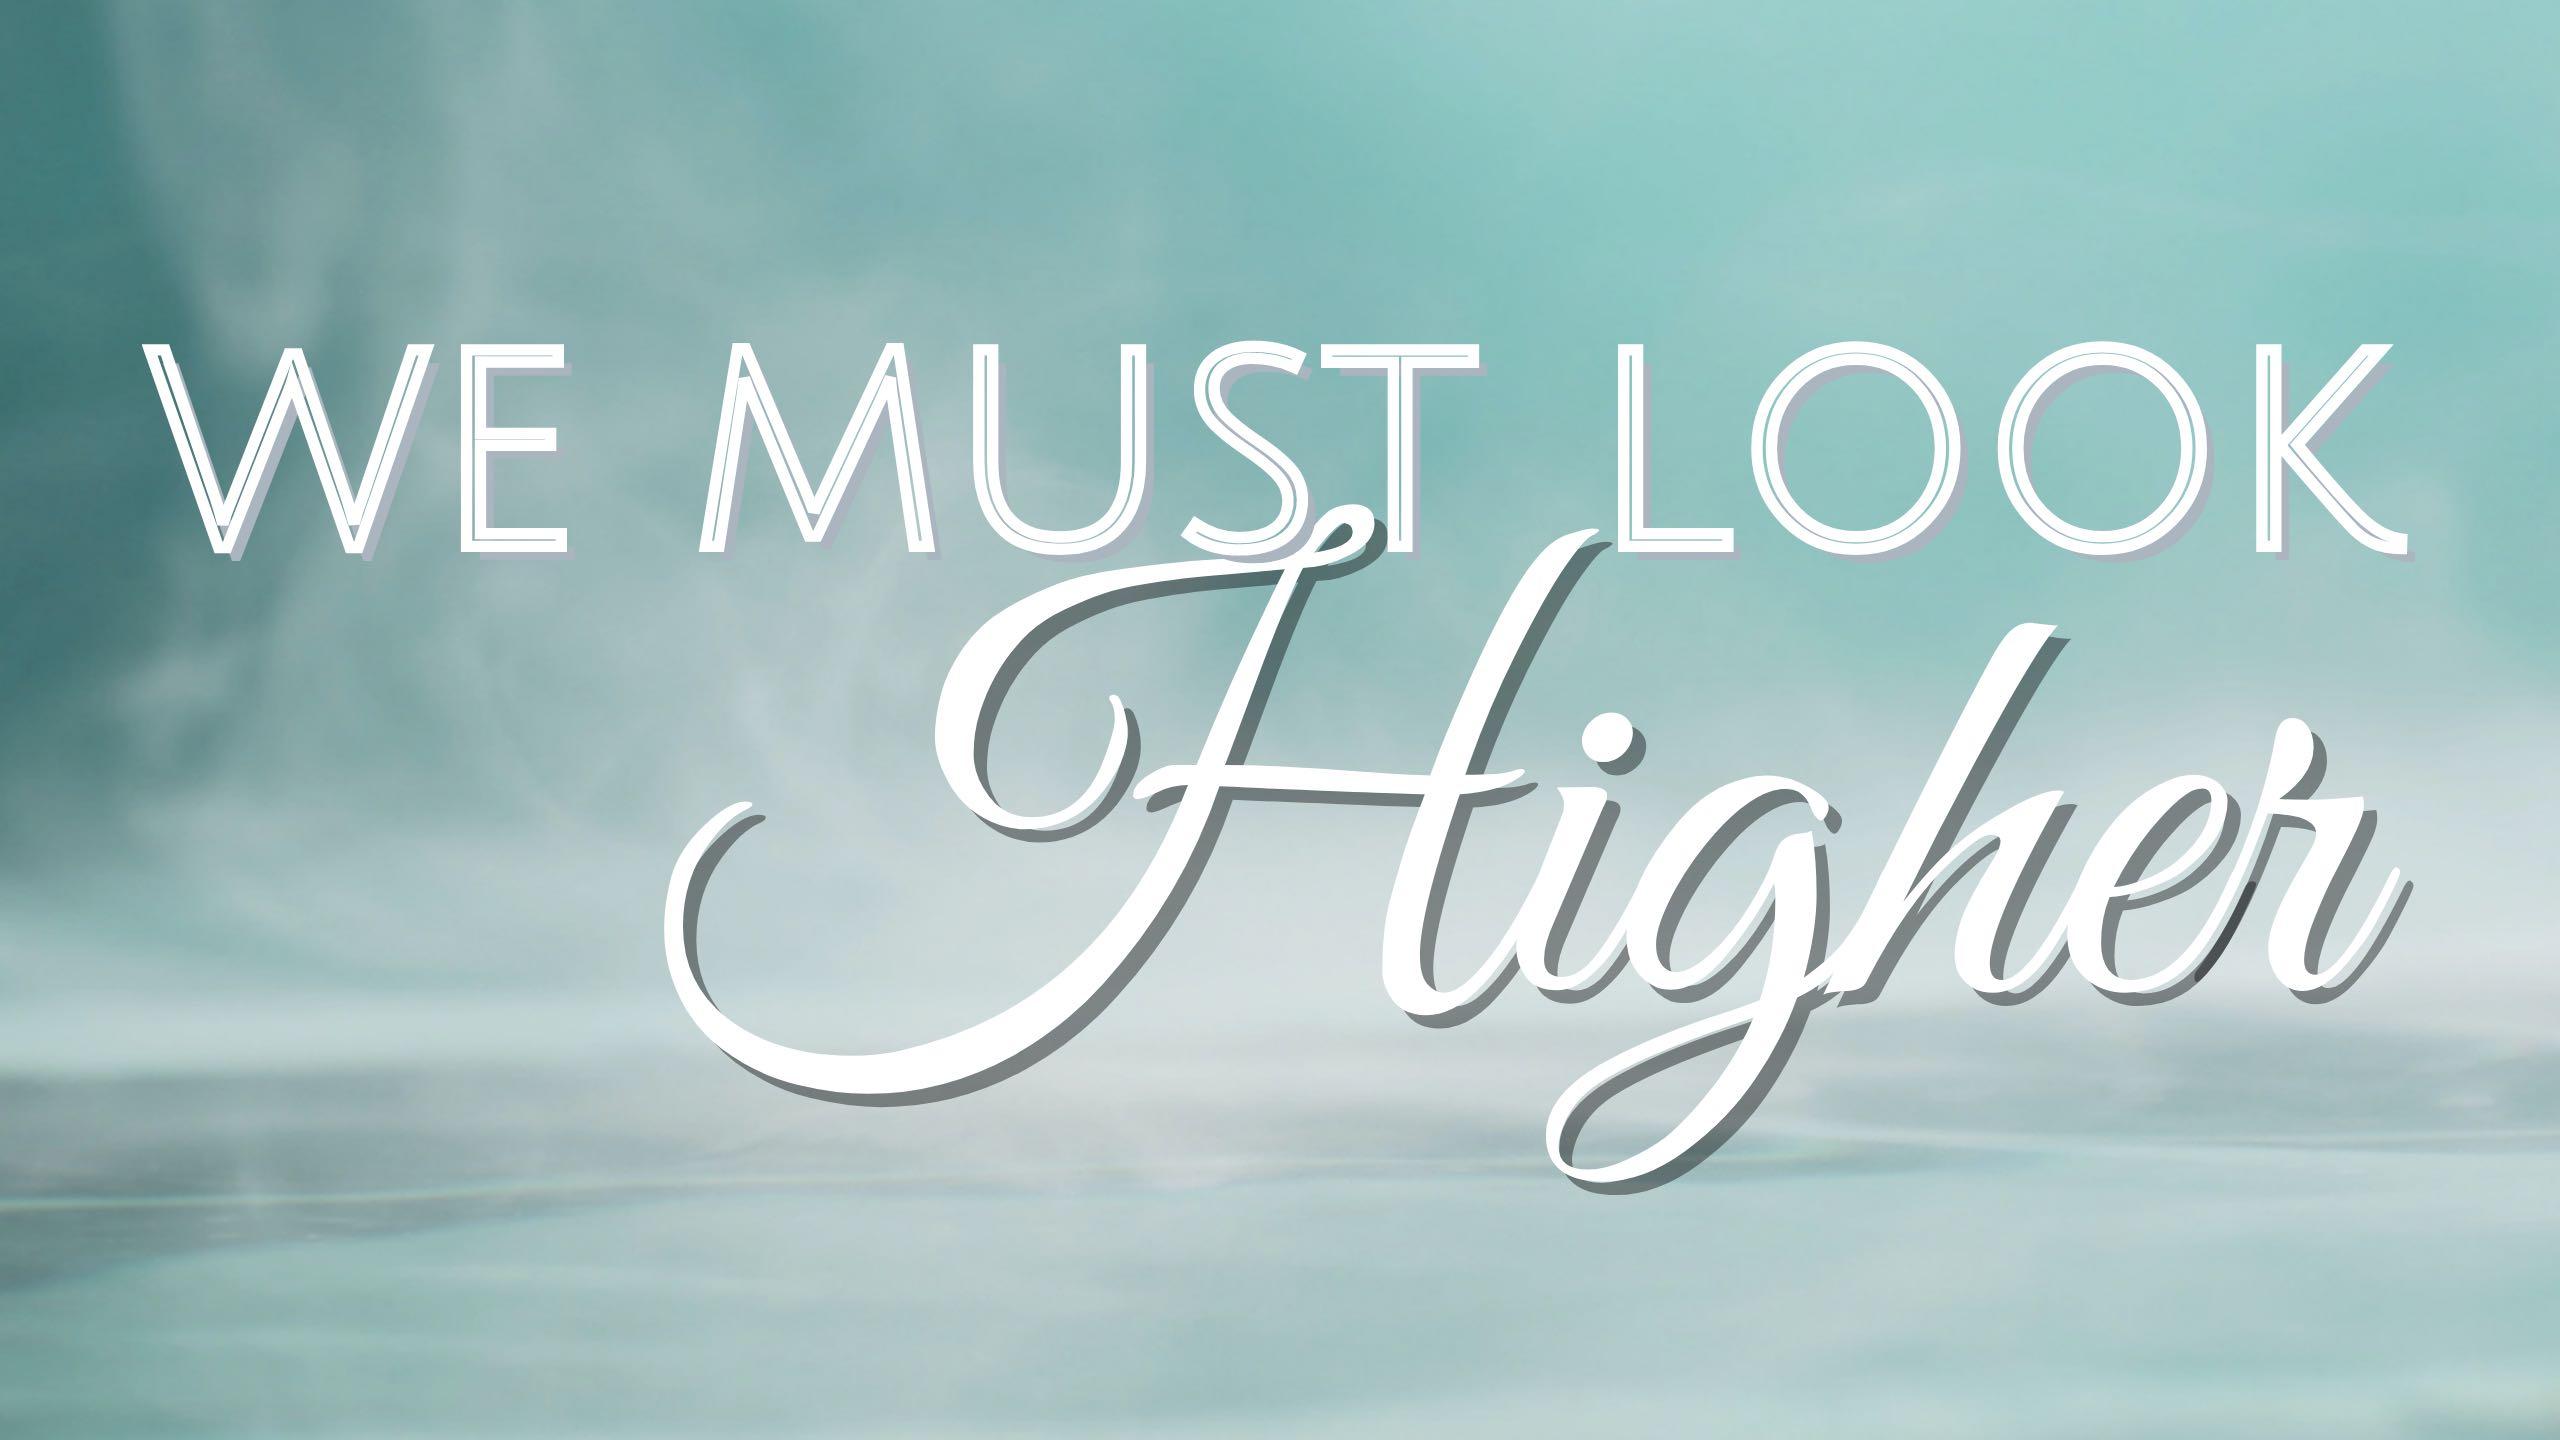 We Must Look Higher Video